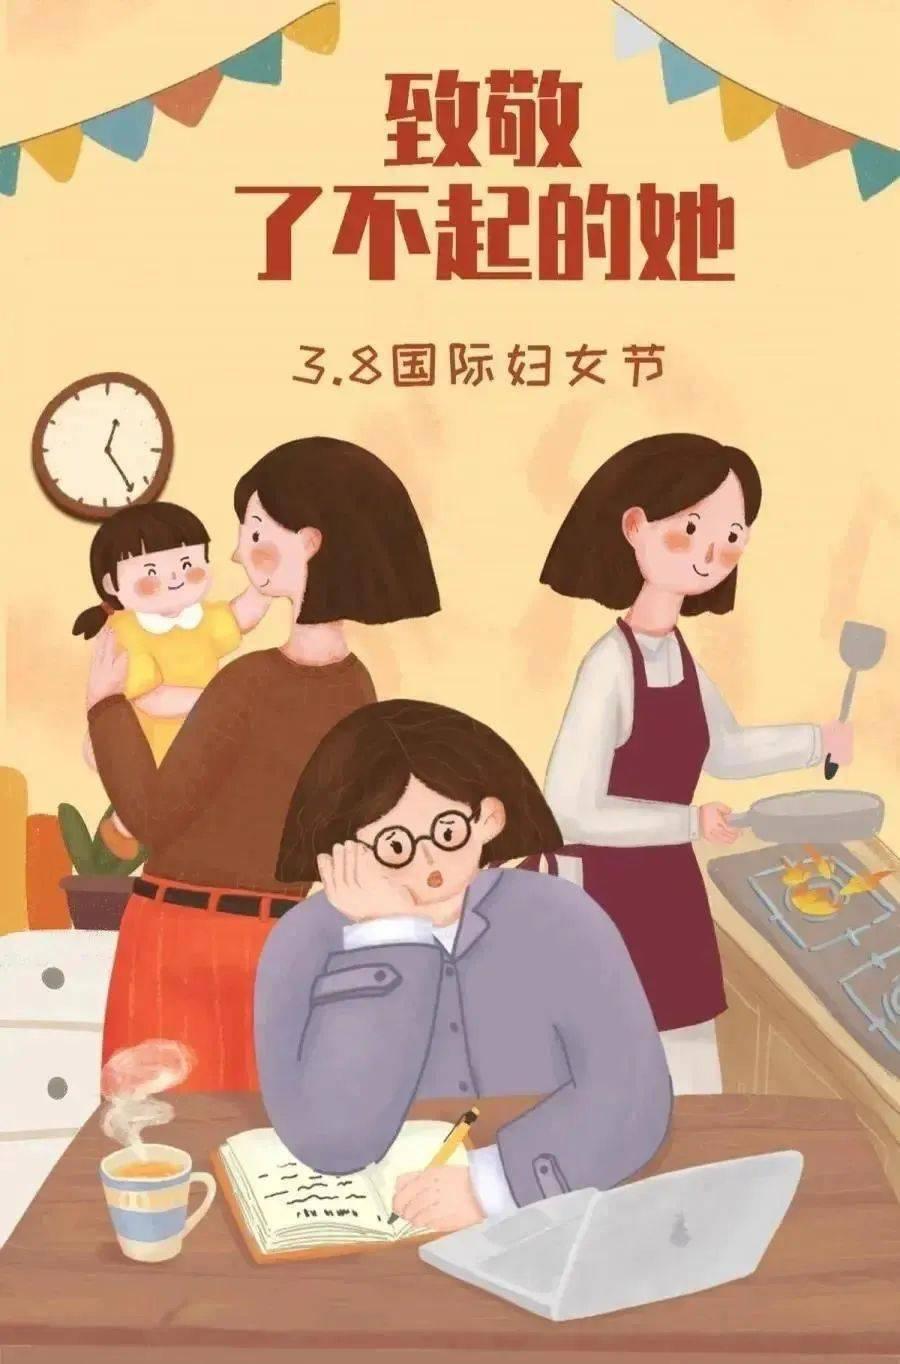 三八妇女节,楠溪江实力宠粉,这份景区福利请收下!